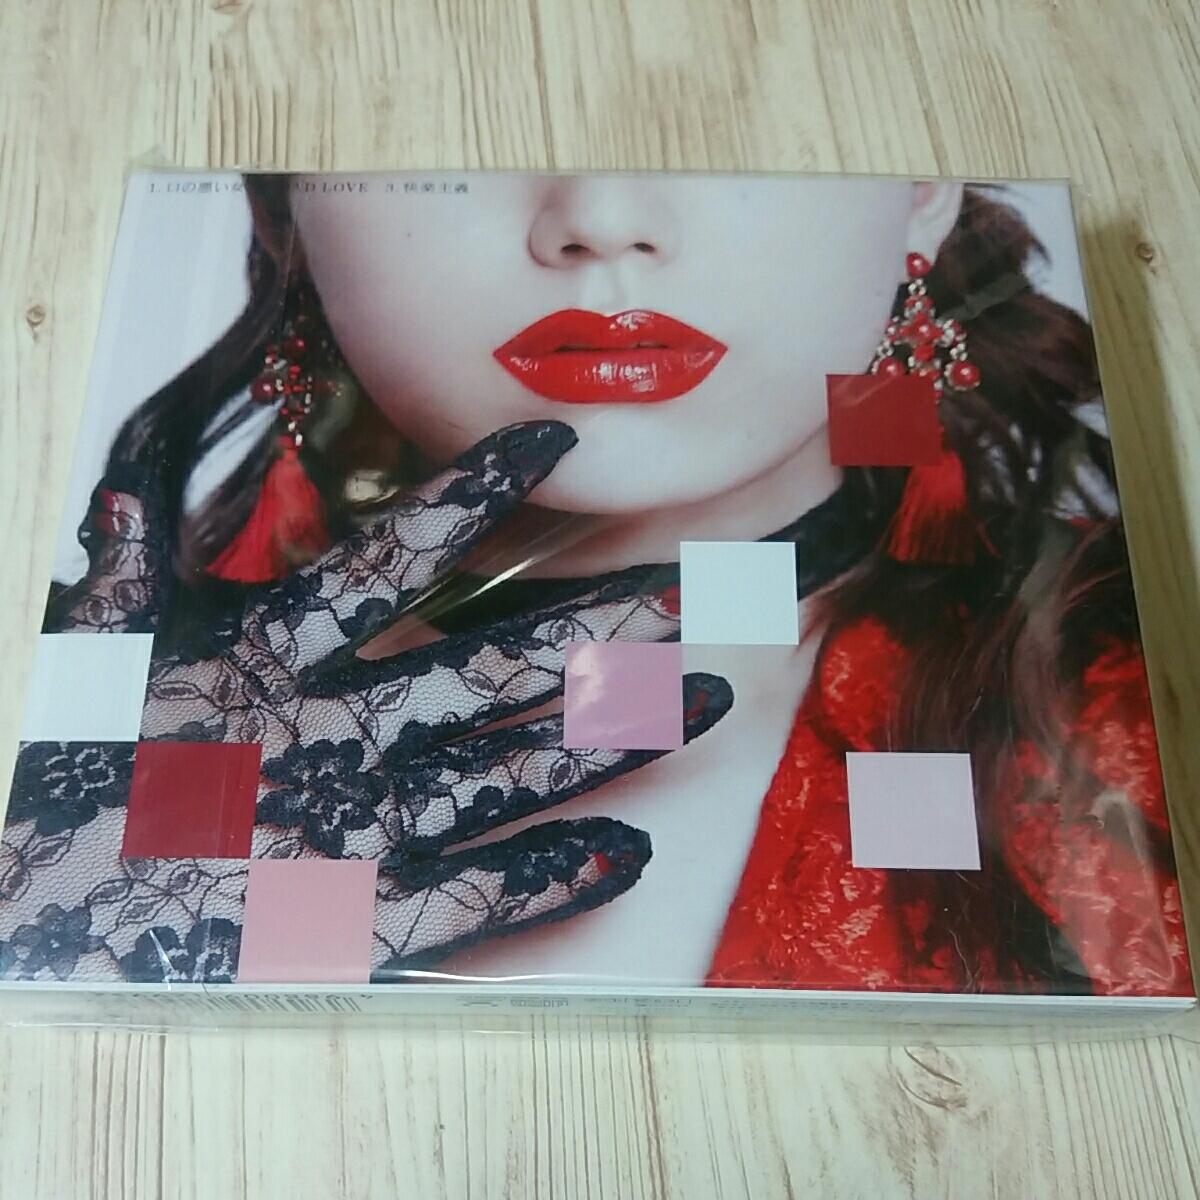 口の悪い女(初回生産限定盤) 篠崎 愛 BAD LOVE 快楽主義 36Pフォトブックつき_画像2